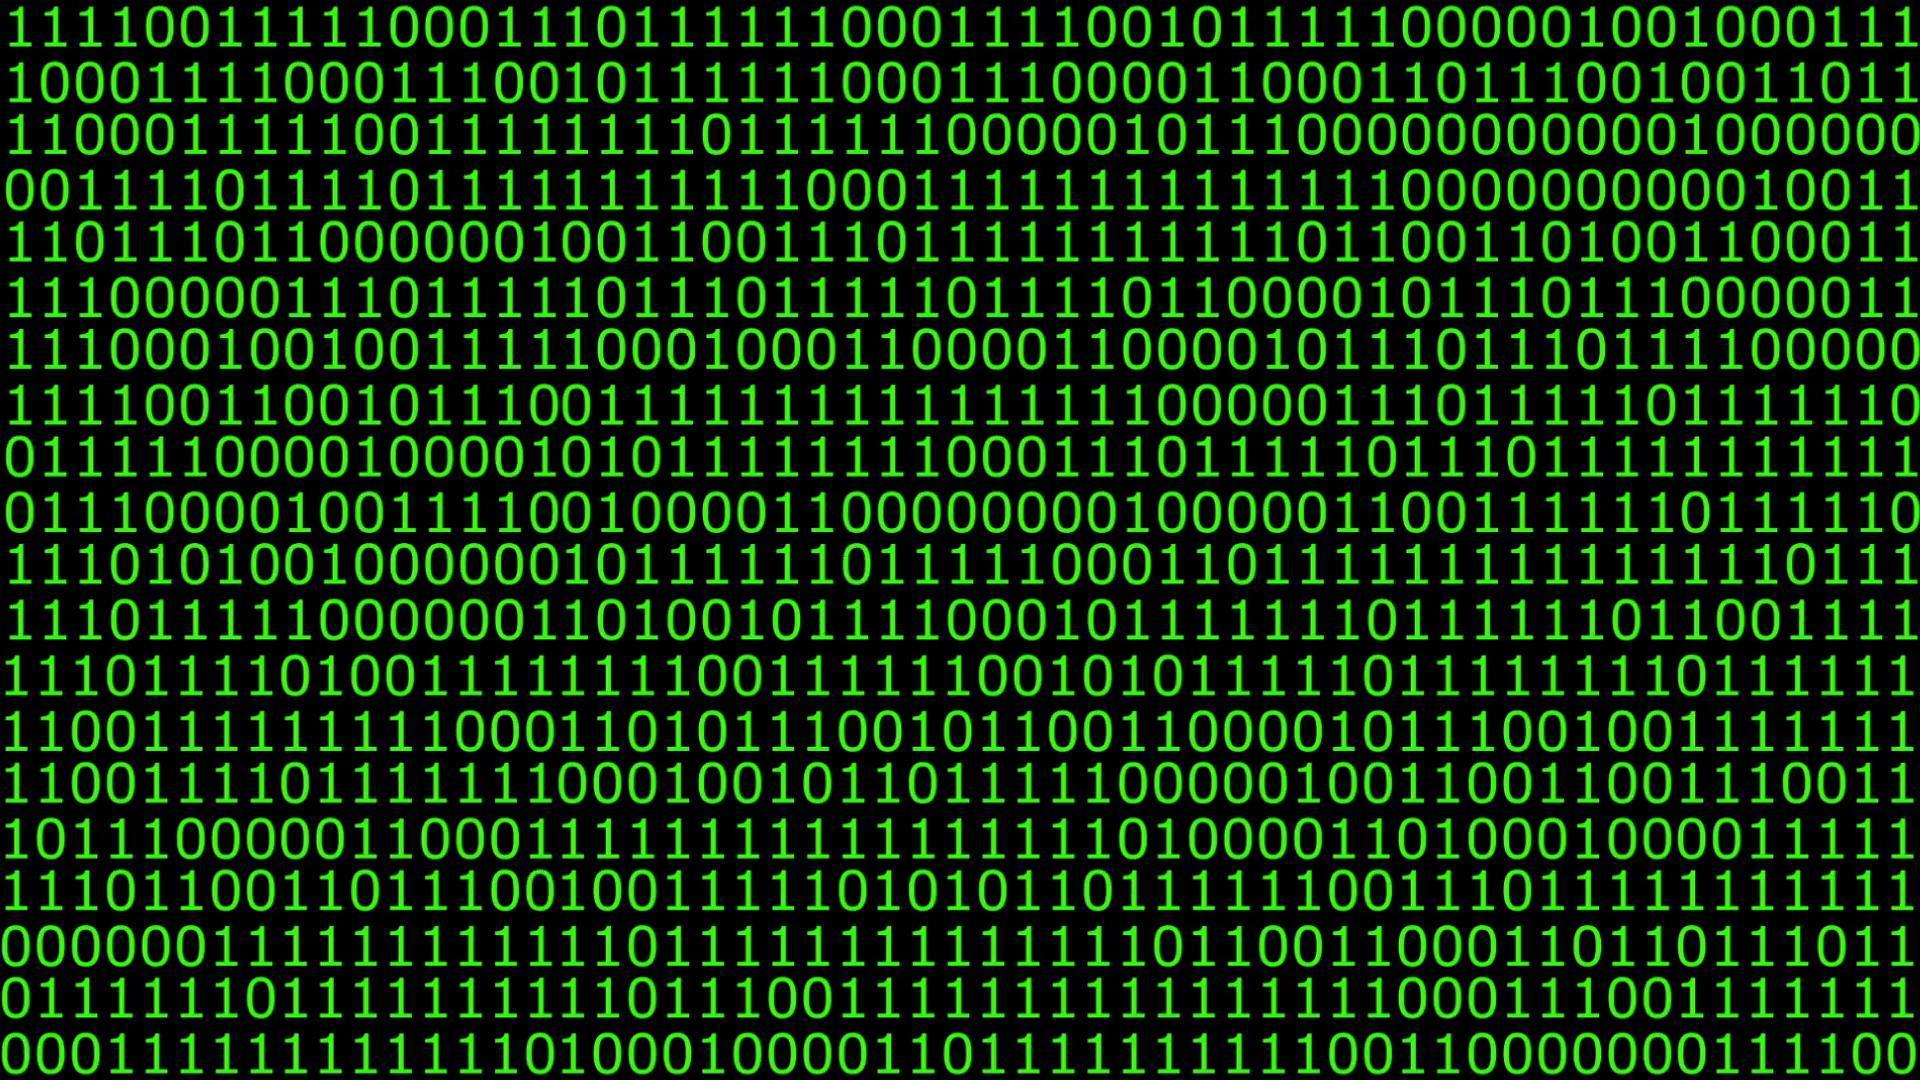 Что такое двоичный код и почему компьютеры используют его